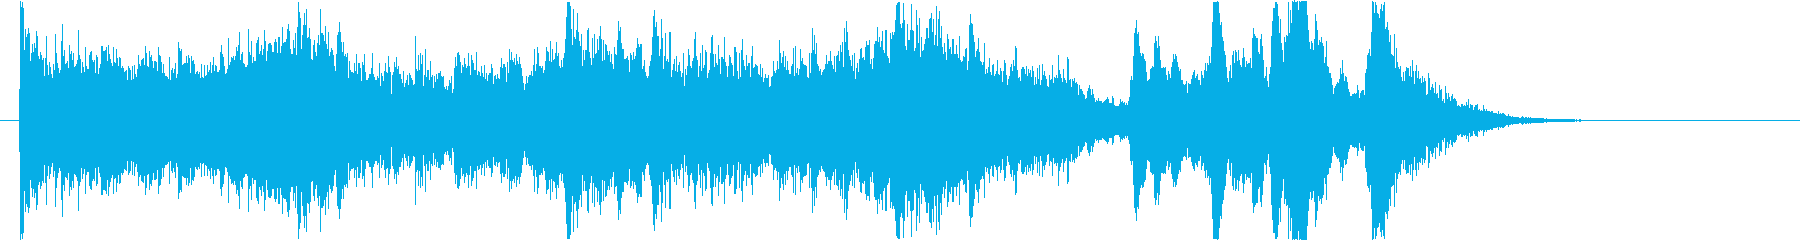 ハロウィン かわいいホラーなオケジングルの再生済みの波形